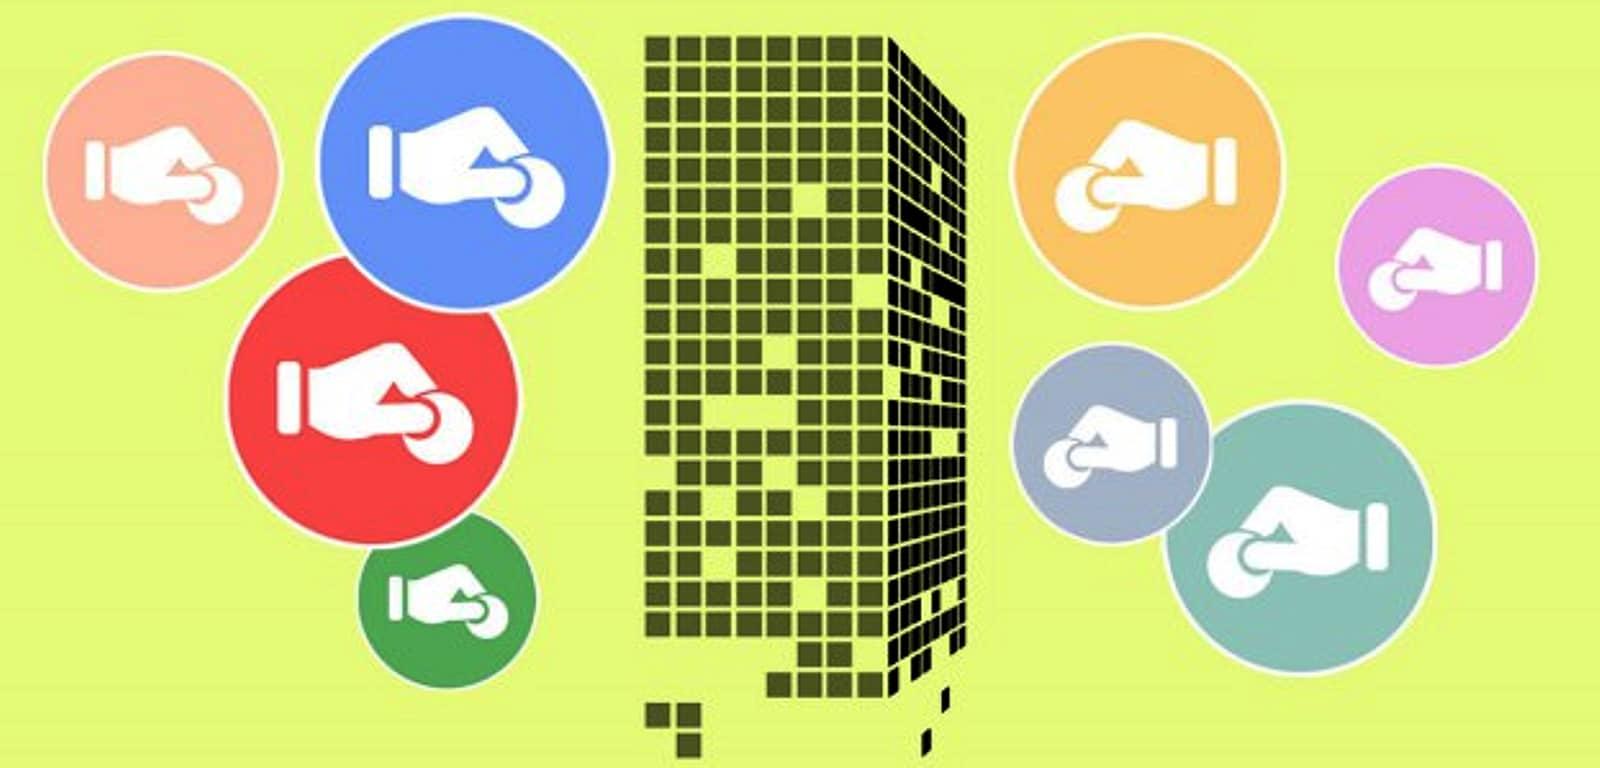 Desde 2017, o crowdfunding imobiliário no Brasil tem regras definidas e se consolida como um formato de financiamento da casa própria Crédito: Banco de Imagens